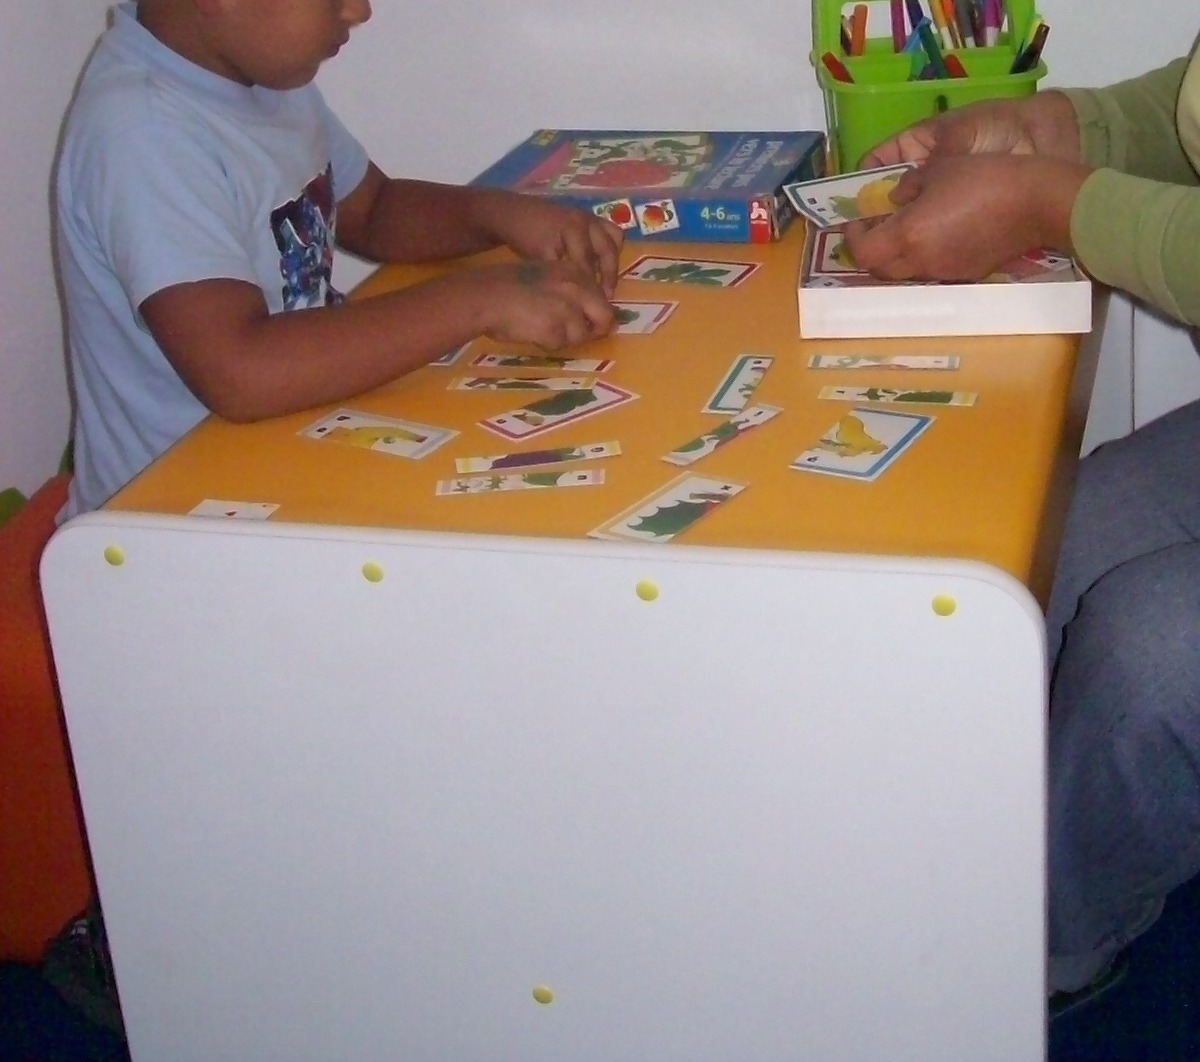 Mesa escritorio de melamine para ni os s 120 00 en - Mesas escritorio ninos ...